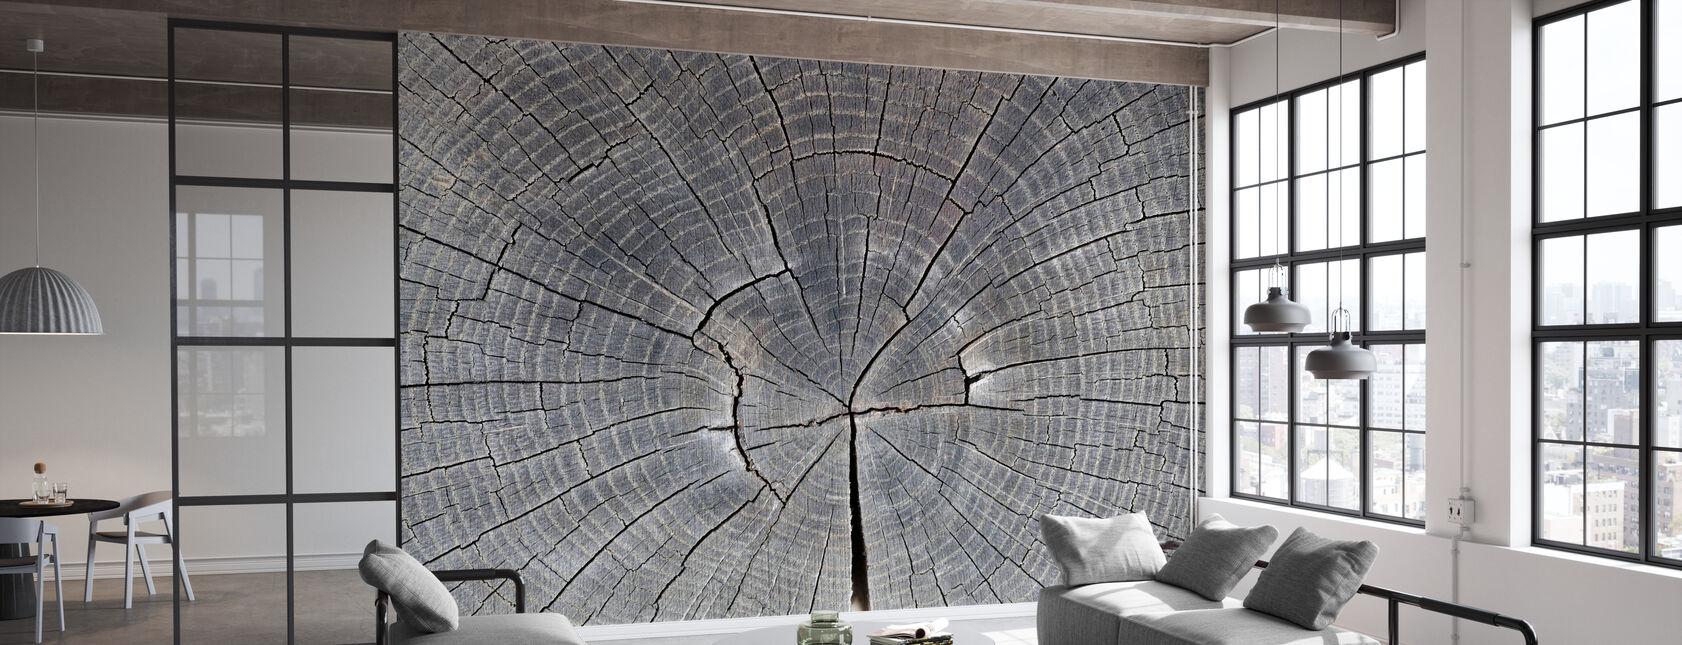 Boomstam toont groei ringen - Behang - Kantoor